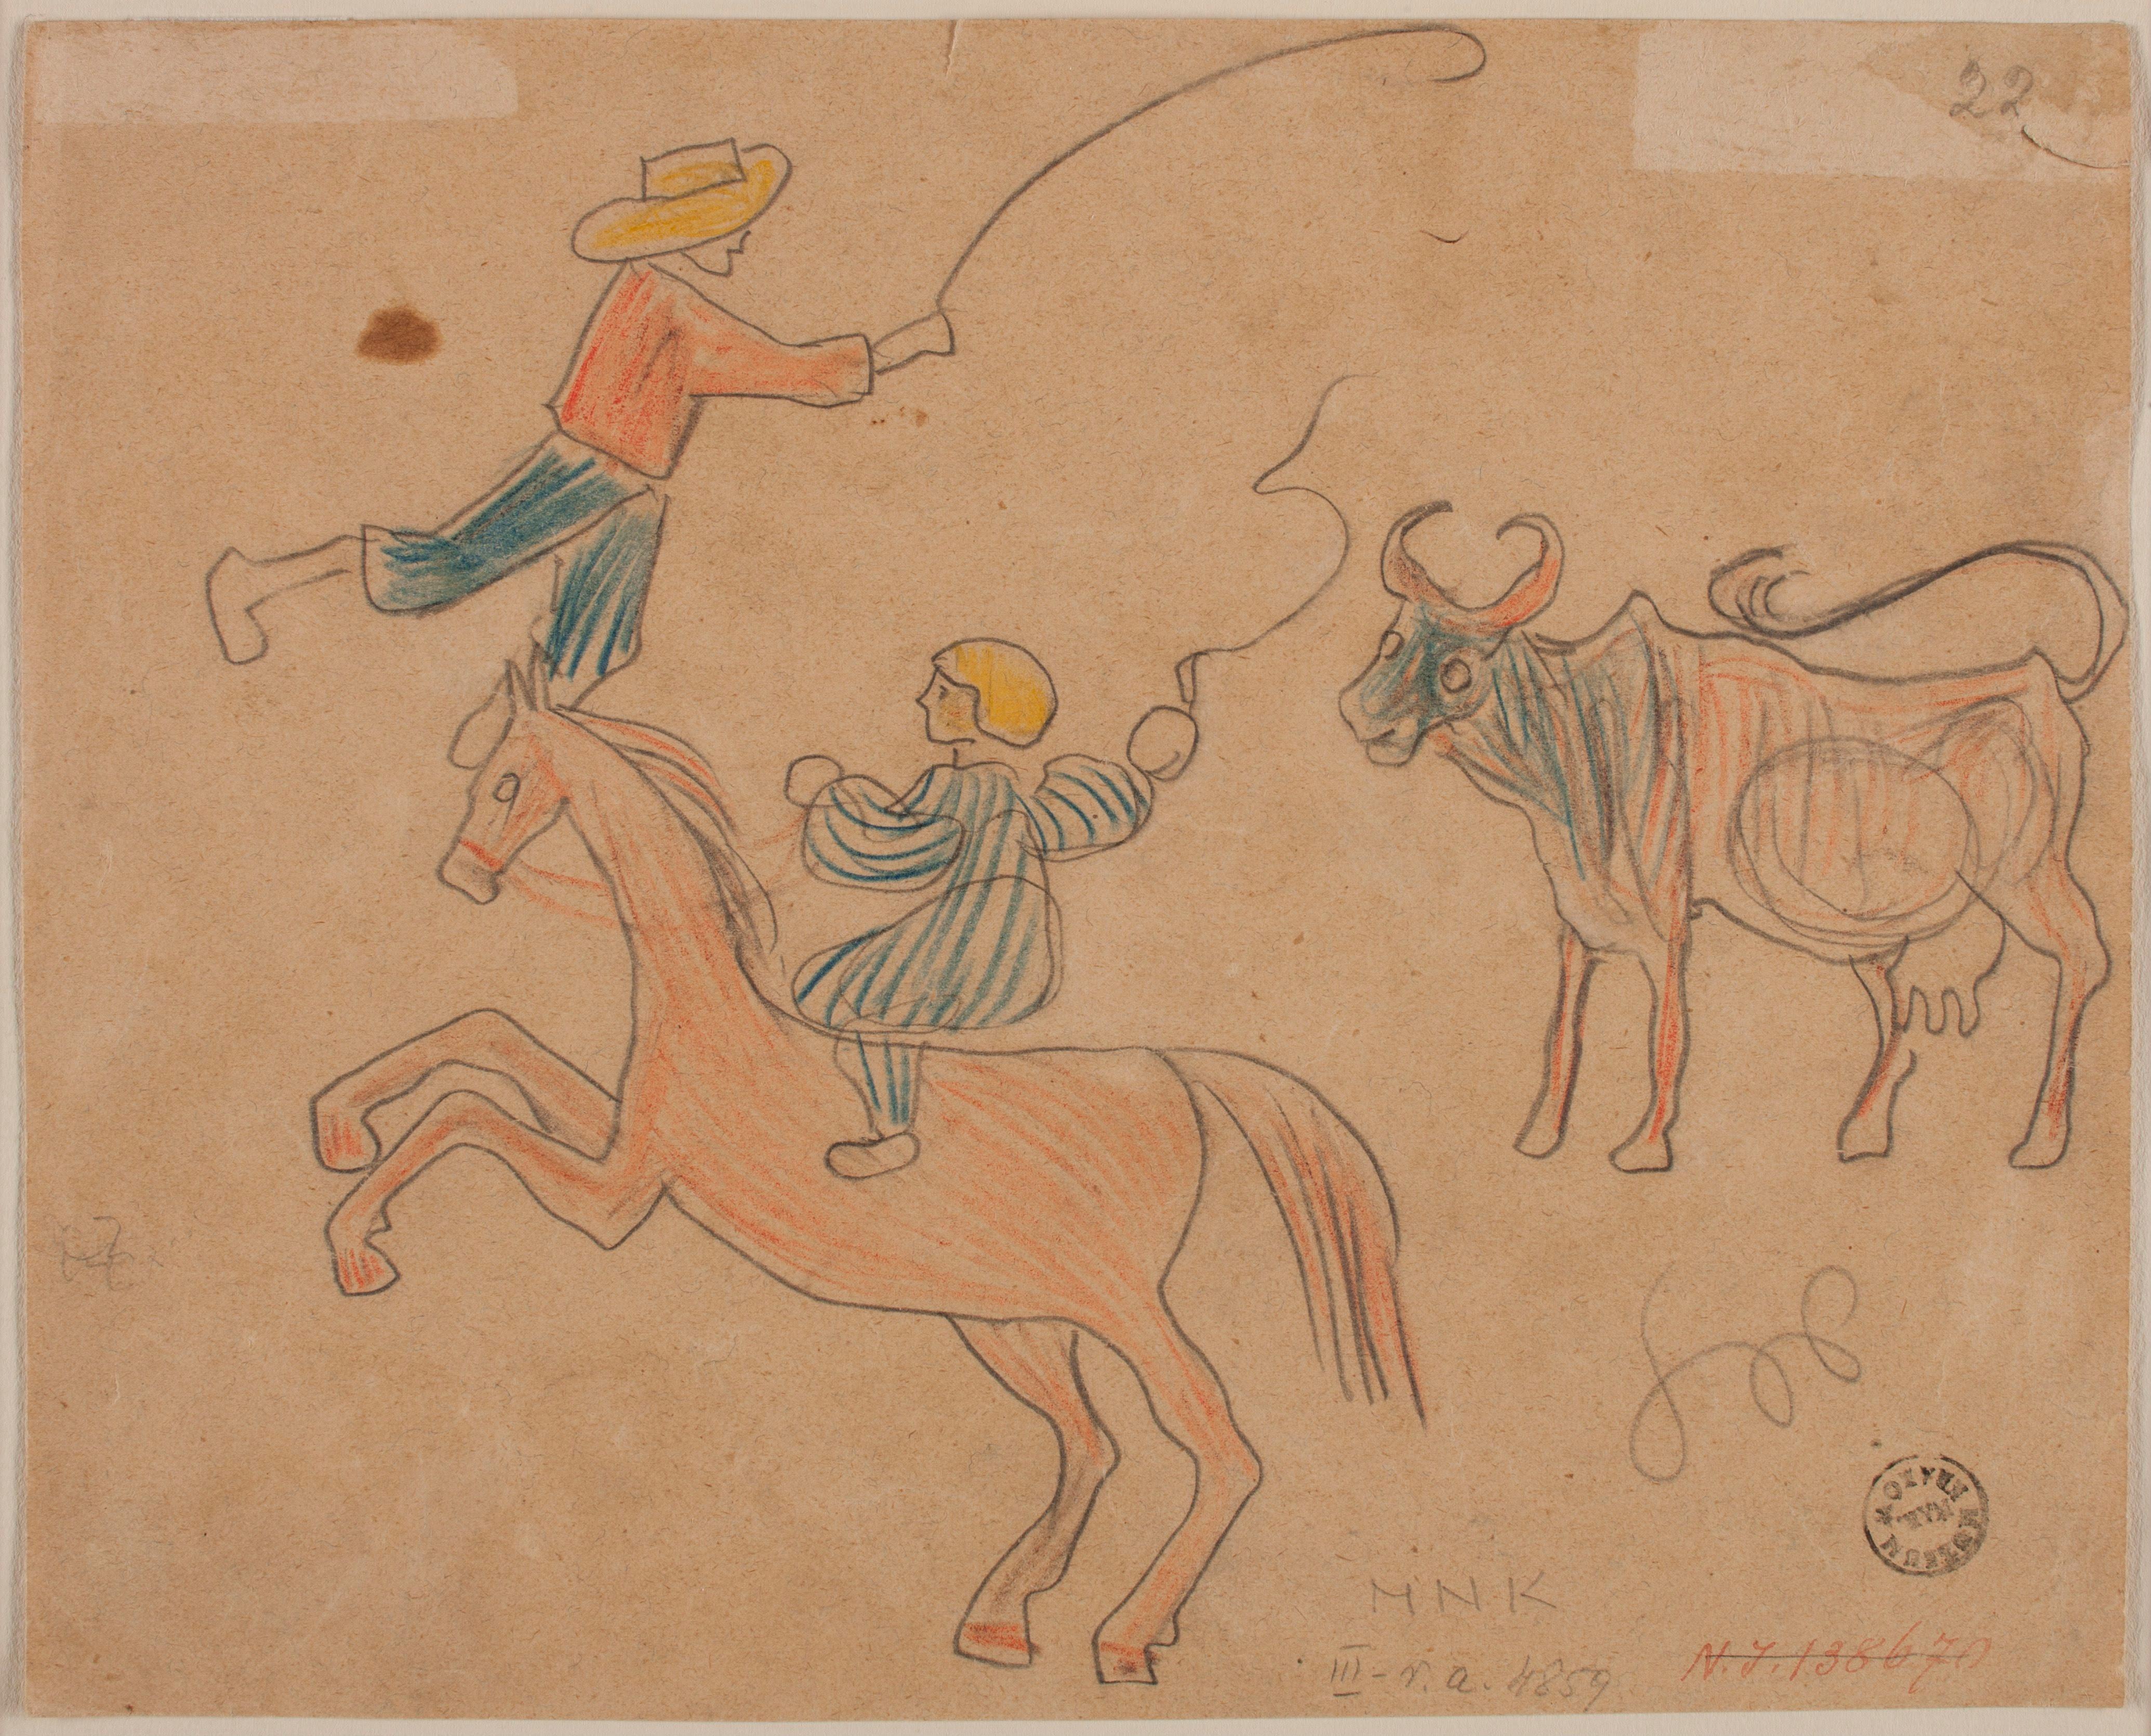 Szkice dla dzieci autorstwa Stanisława Wyspiańskiego. Może tek rysował również jako dziecko?, źródło: Muzeum Narodowe w Krakowie